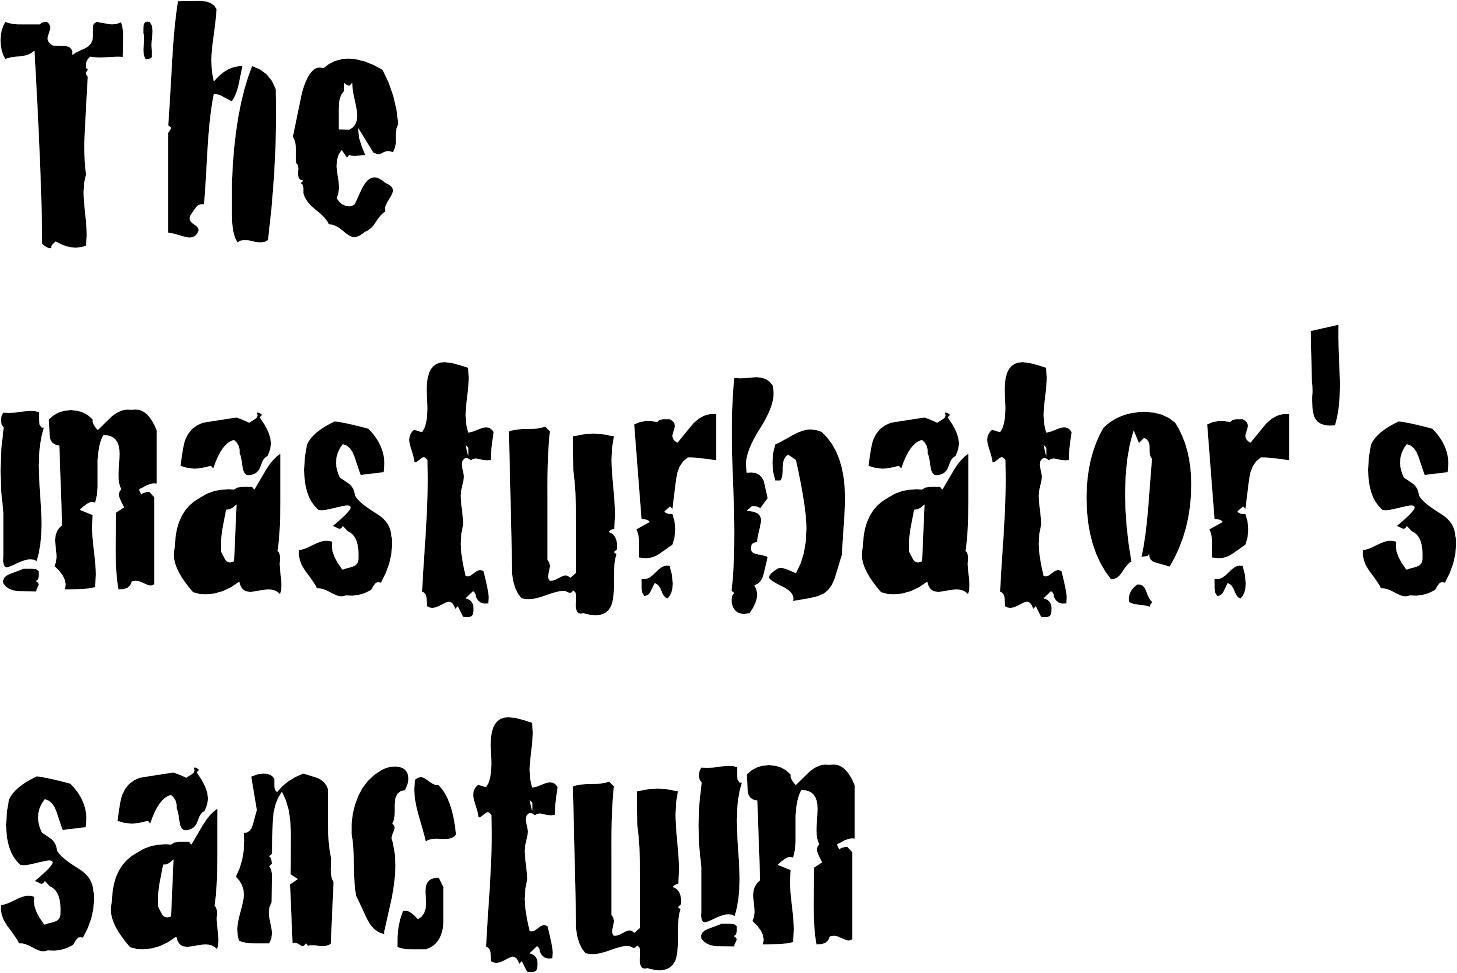 The Masturbators Sanctum